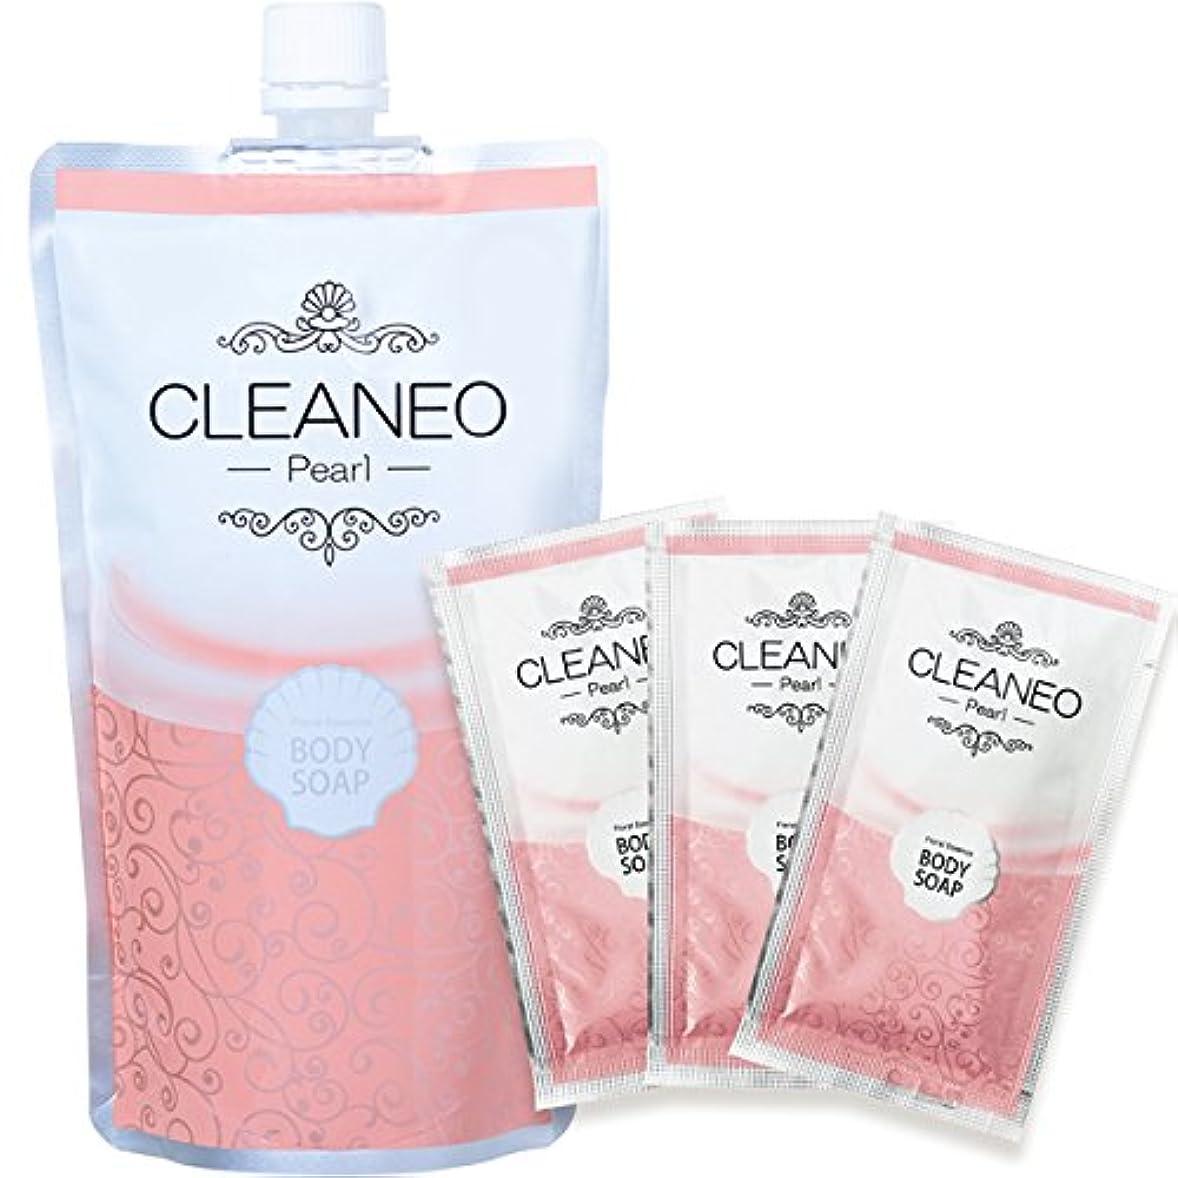 報いるフィードスコアクリアネオ公式(CLEANEO) パール オーガニックボディソープ?透明感のある美肌へ 詰替300ml + パールパウチセット